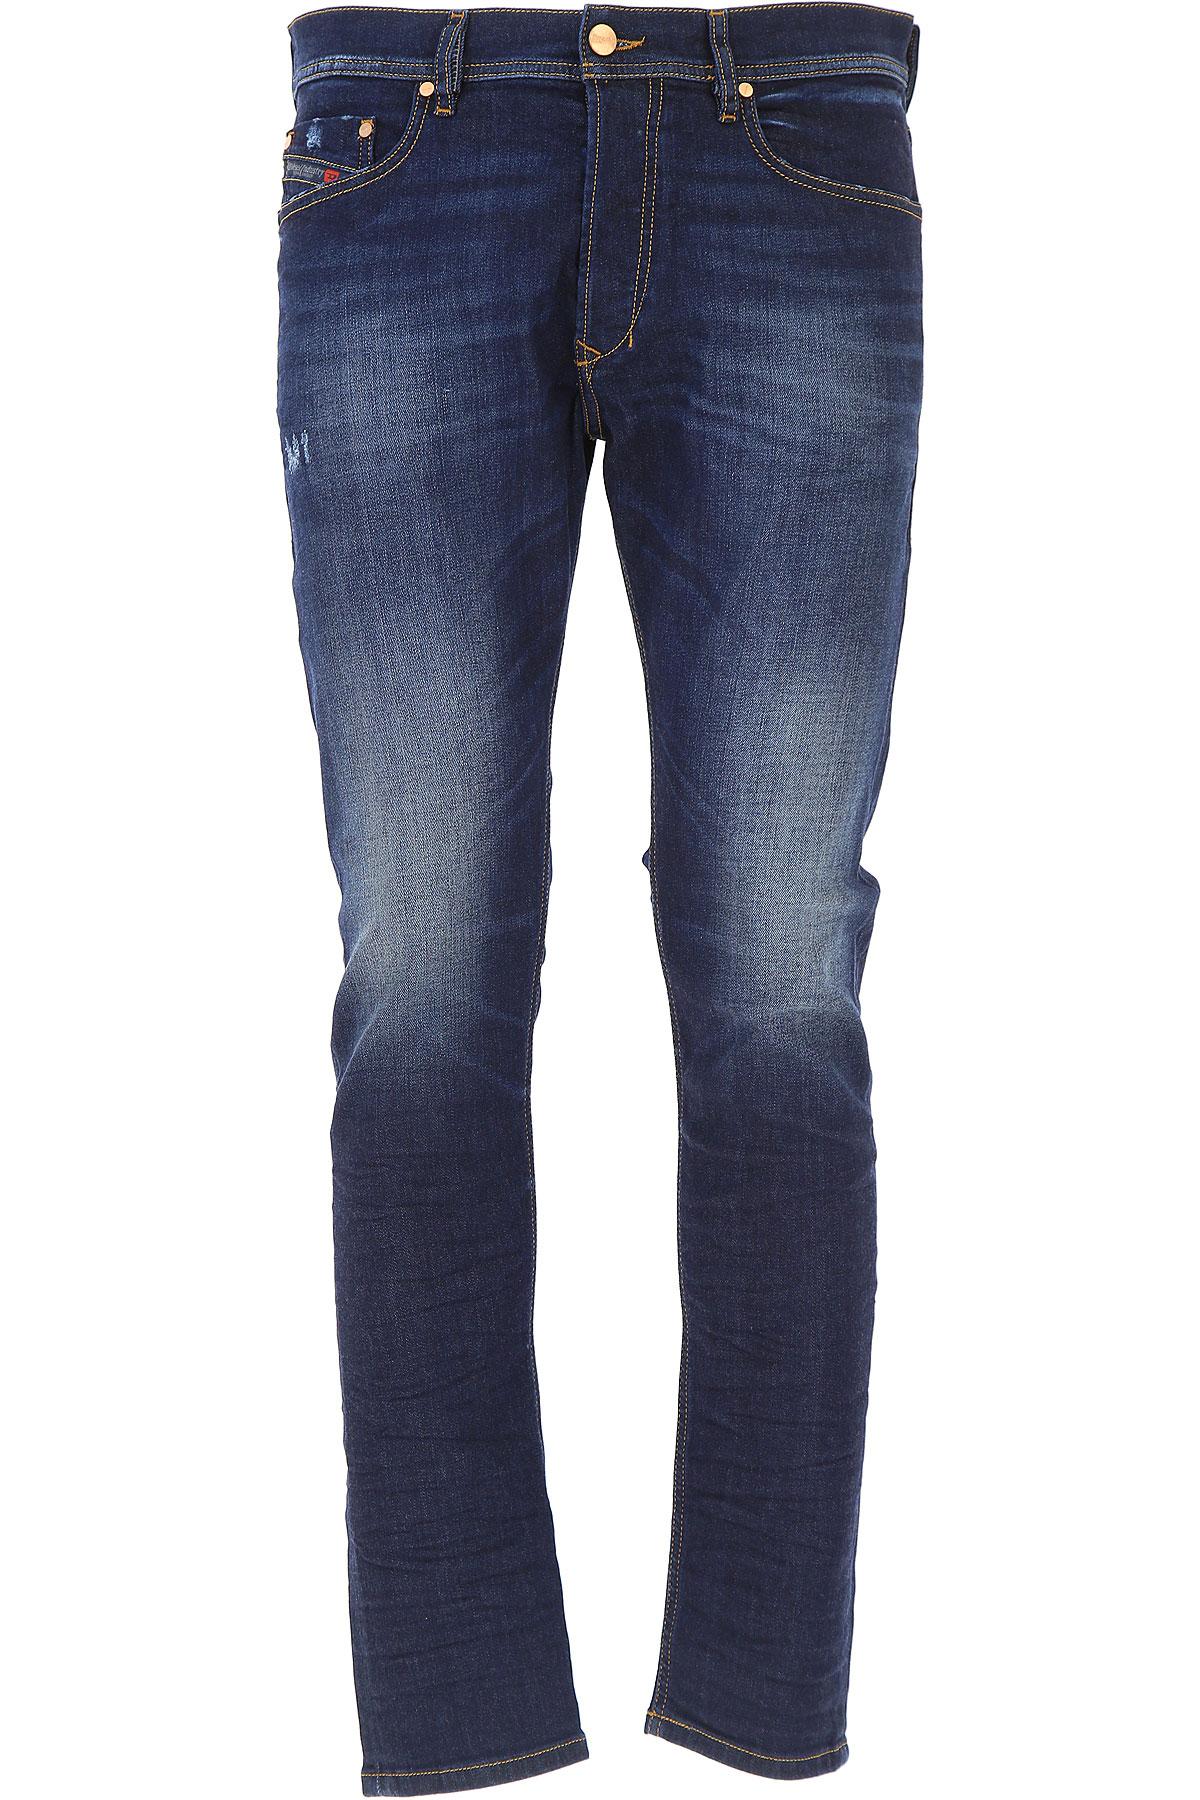 Diesel Jeans On Sale, Dark Blue, Cotton, 2017, 29 31 32